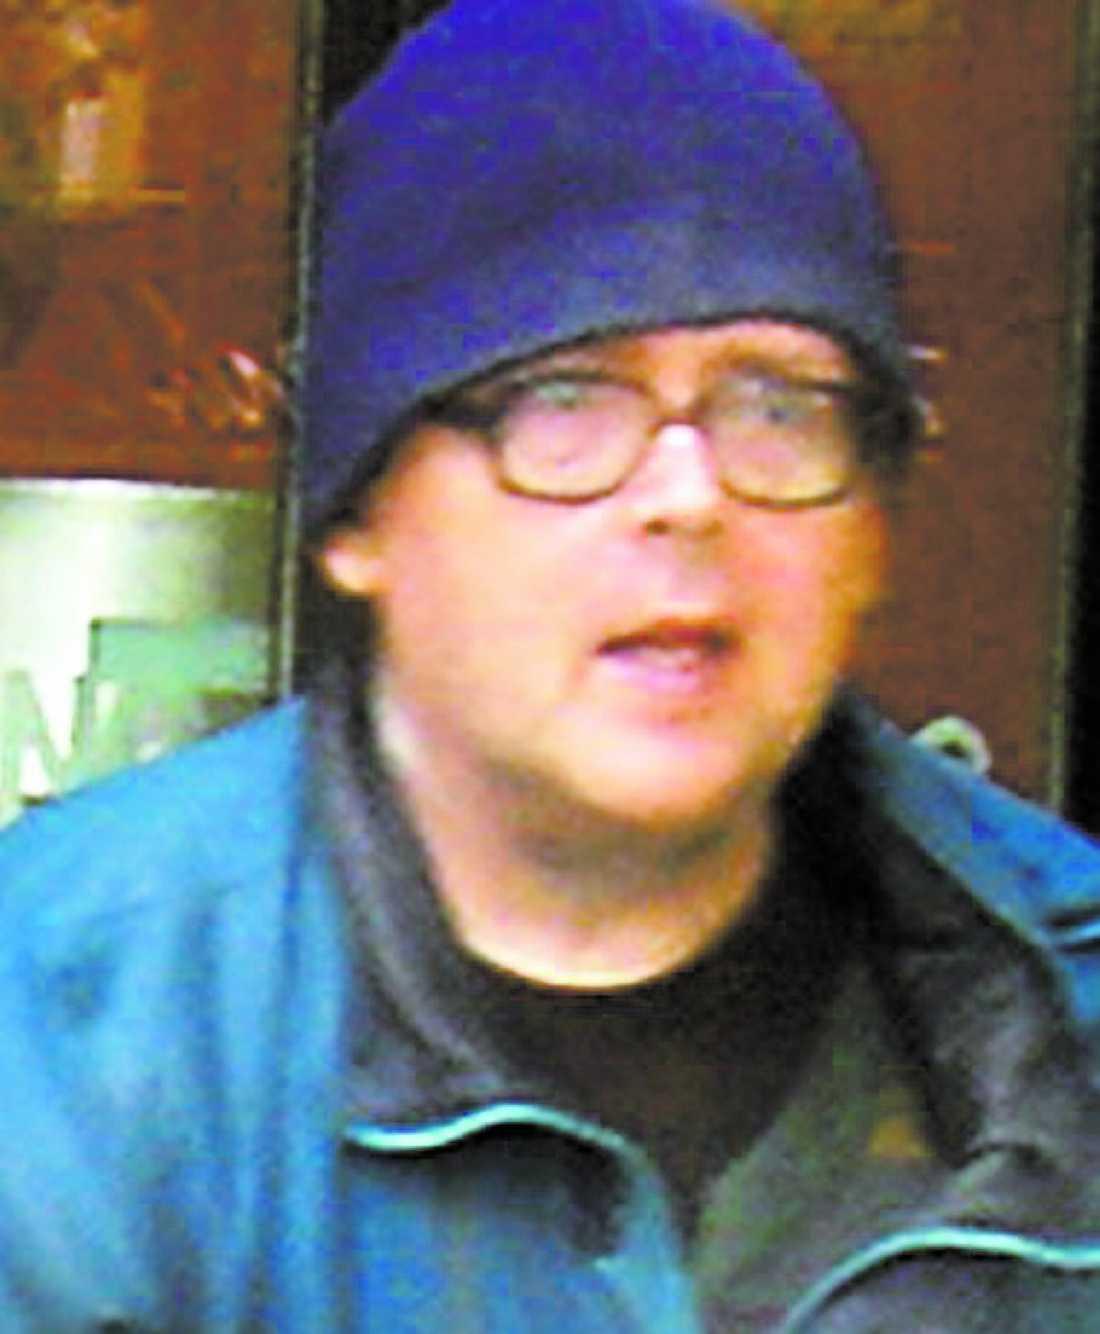 Burk-Curt, eller Curt Degerman, var. Han samlade tomburkar i staden. Men inte många visste att han var miljonär.